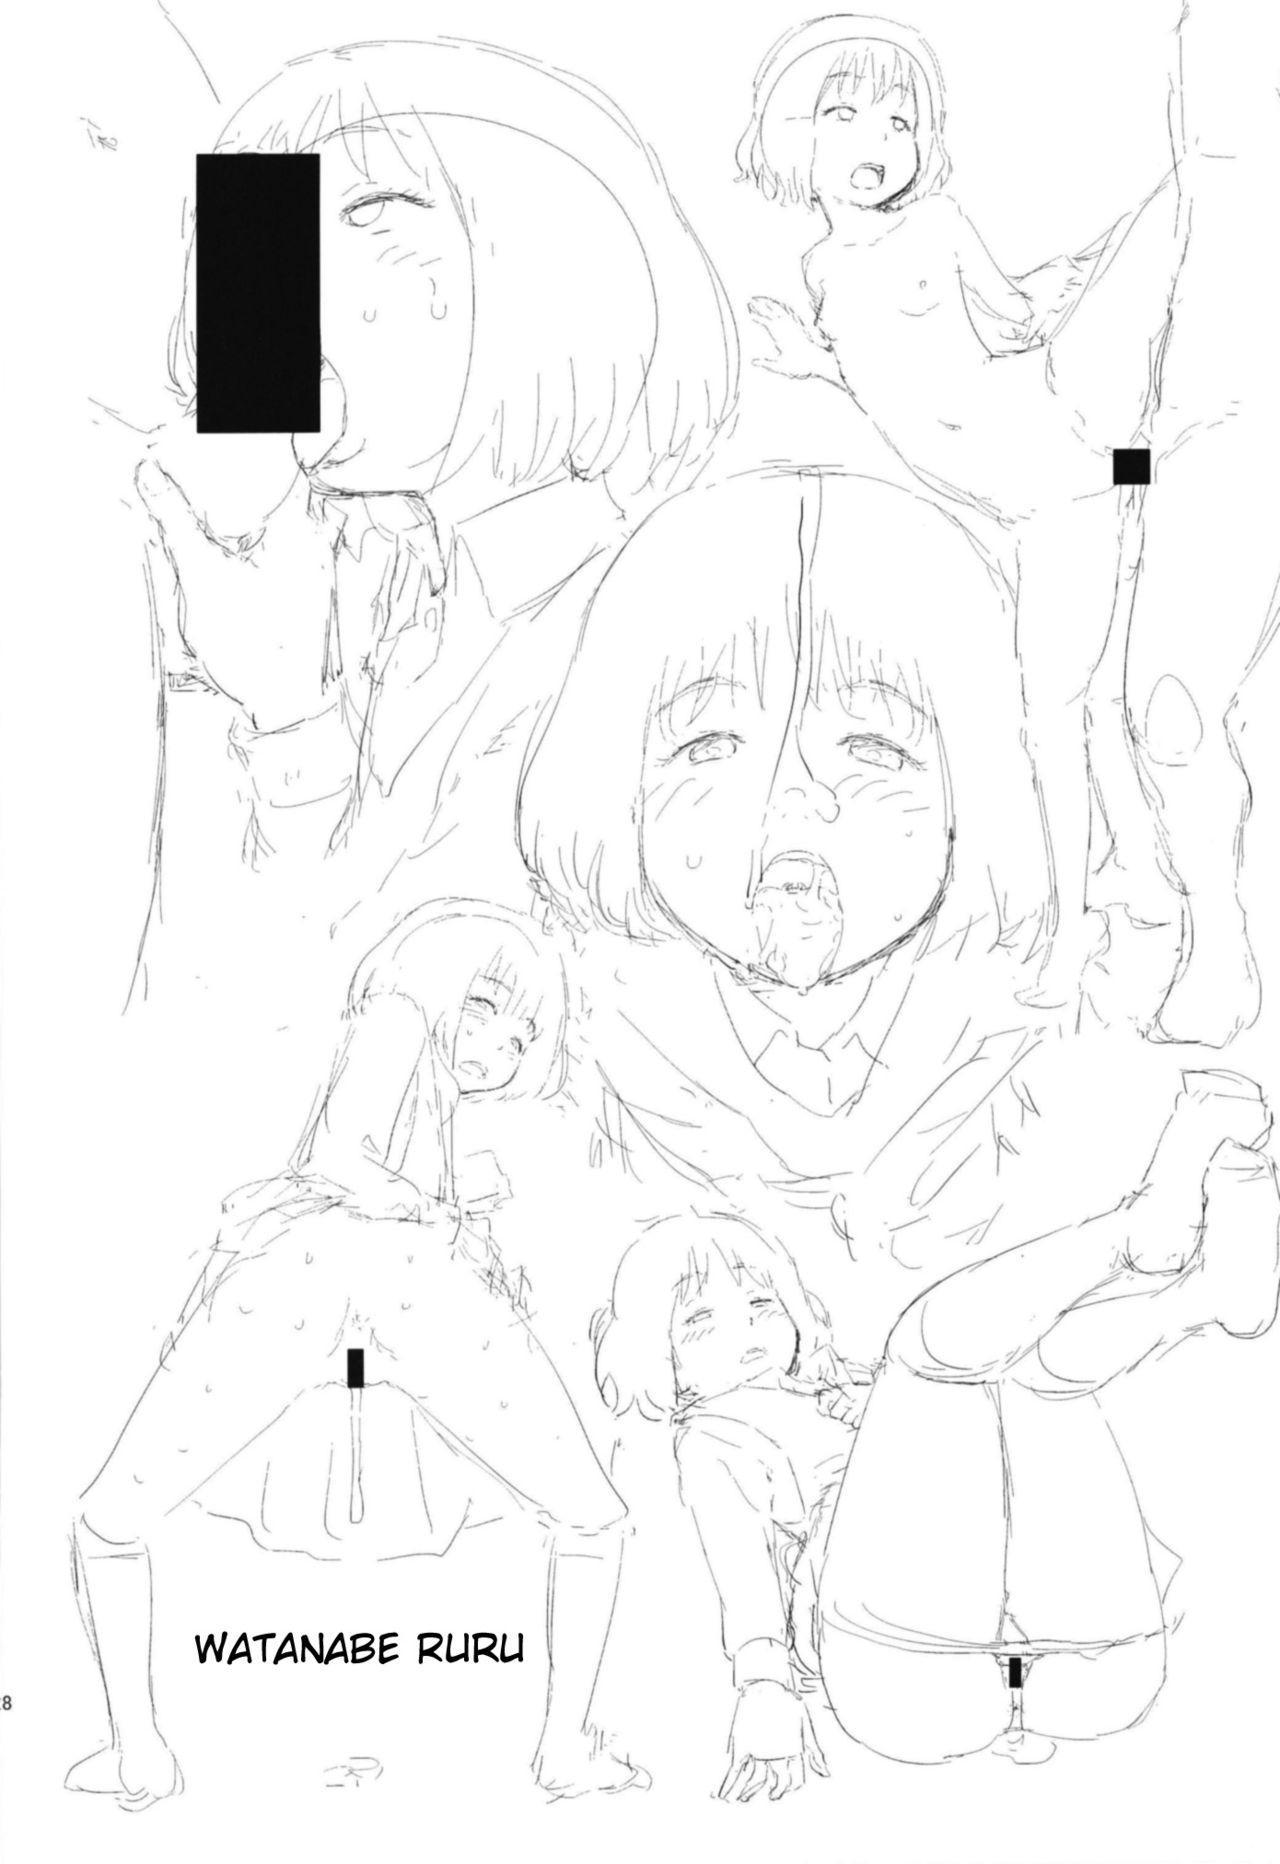 Kono Naka ni Kinshin Soukan Shiteiru Musume ga 3-nin Imasu #1 27